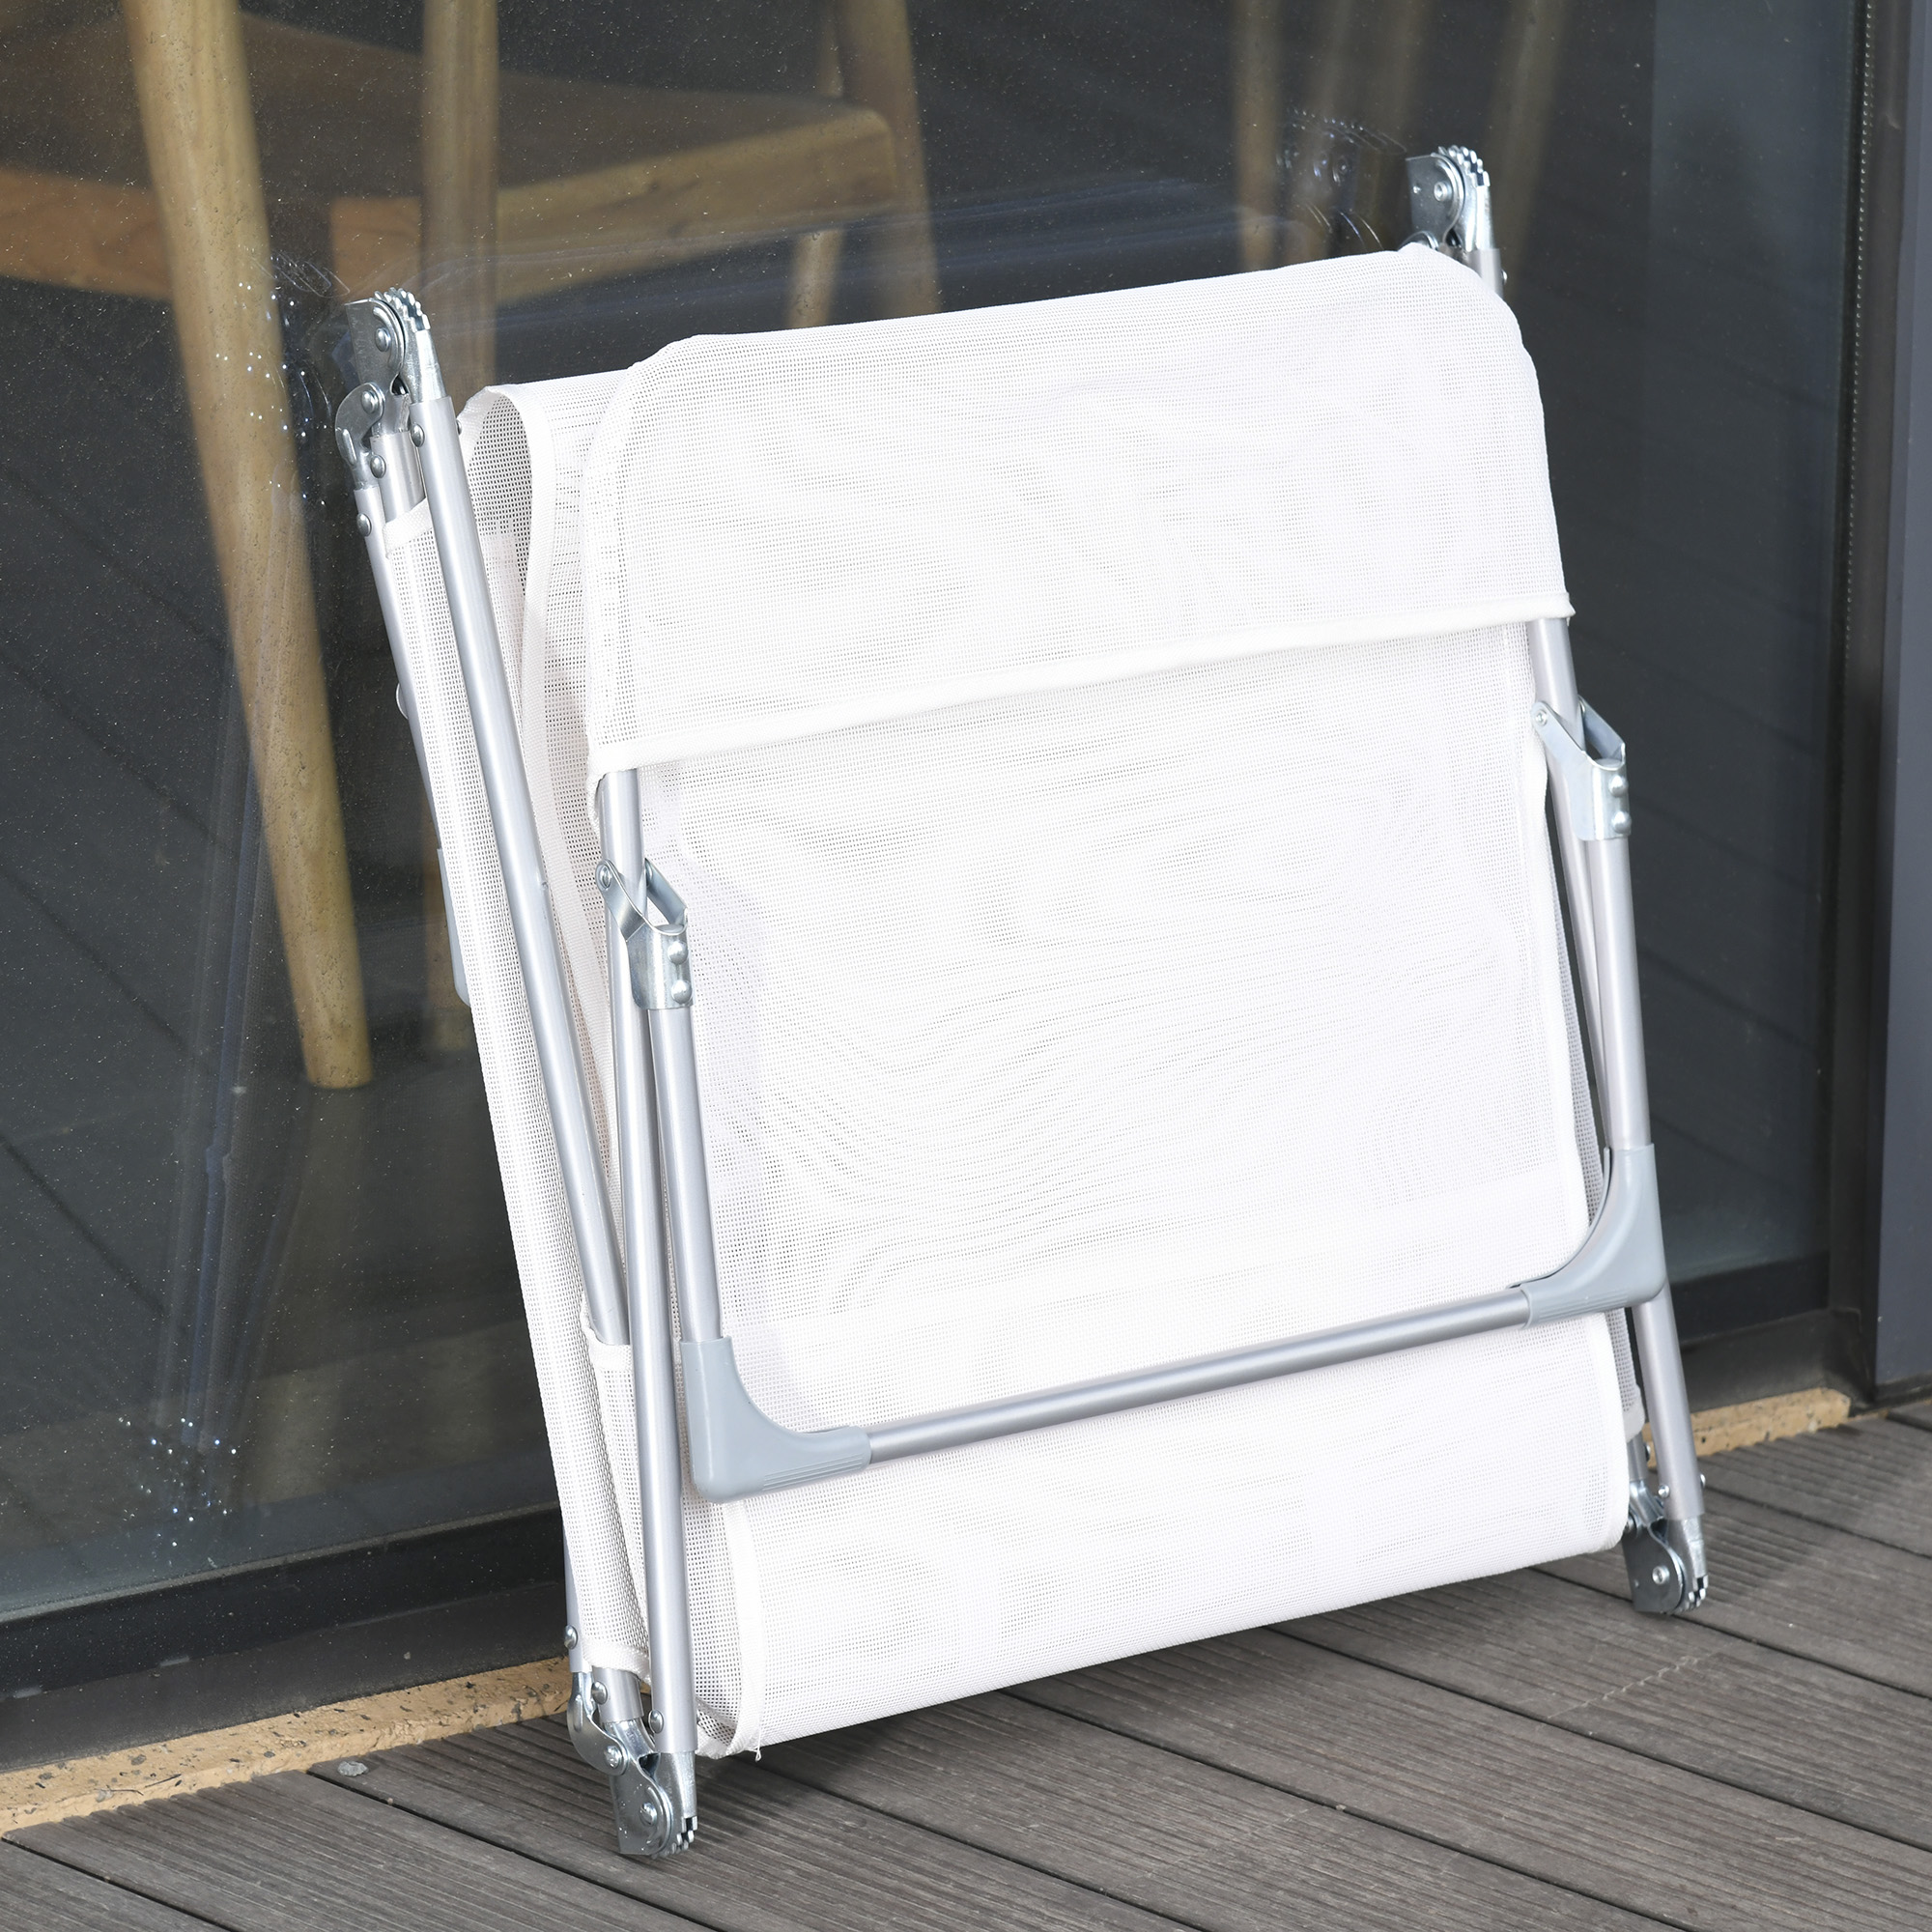 miniatura 5 - Tumbona Plegable y Reclinable con Reposacabezas y Respaldo Ajustable COLOR